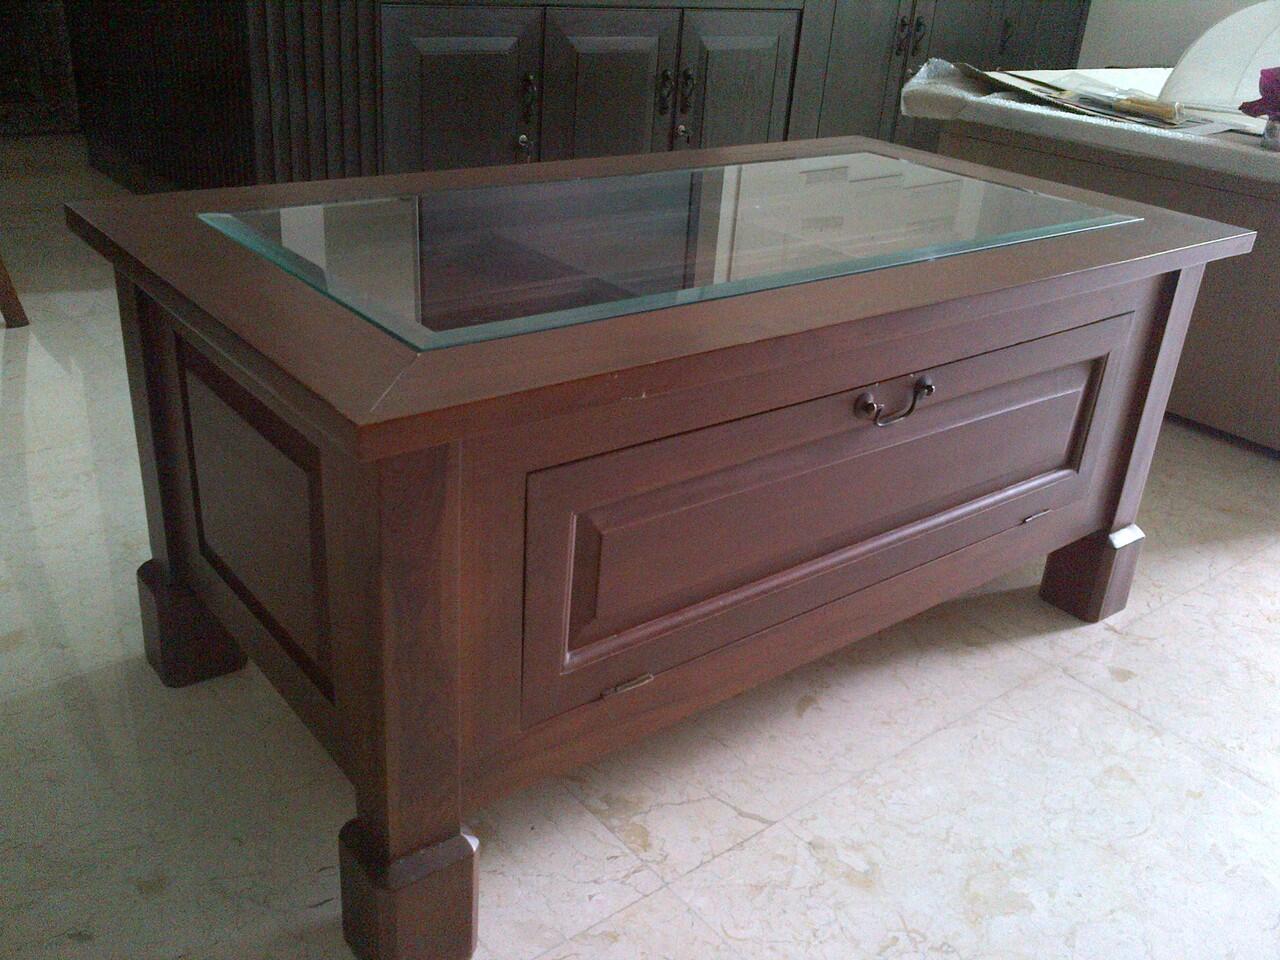 Furniture Solid Wood, beli 1 set lebih murah.